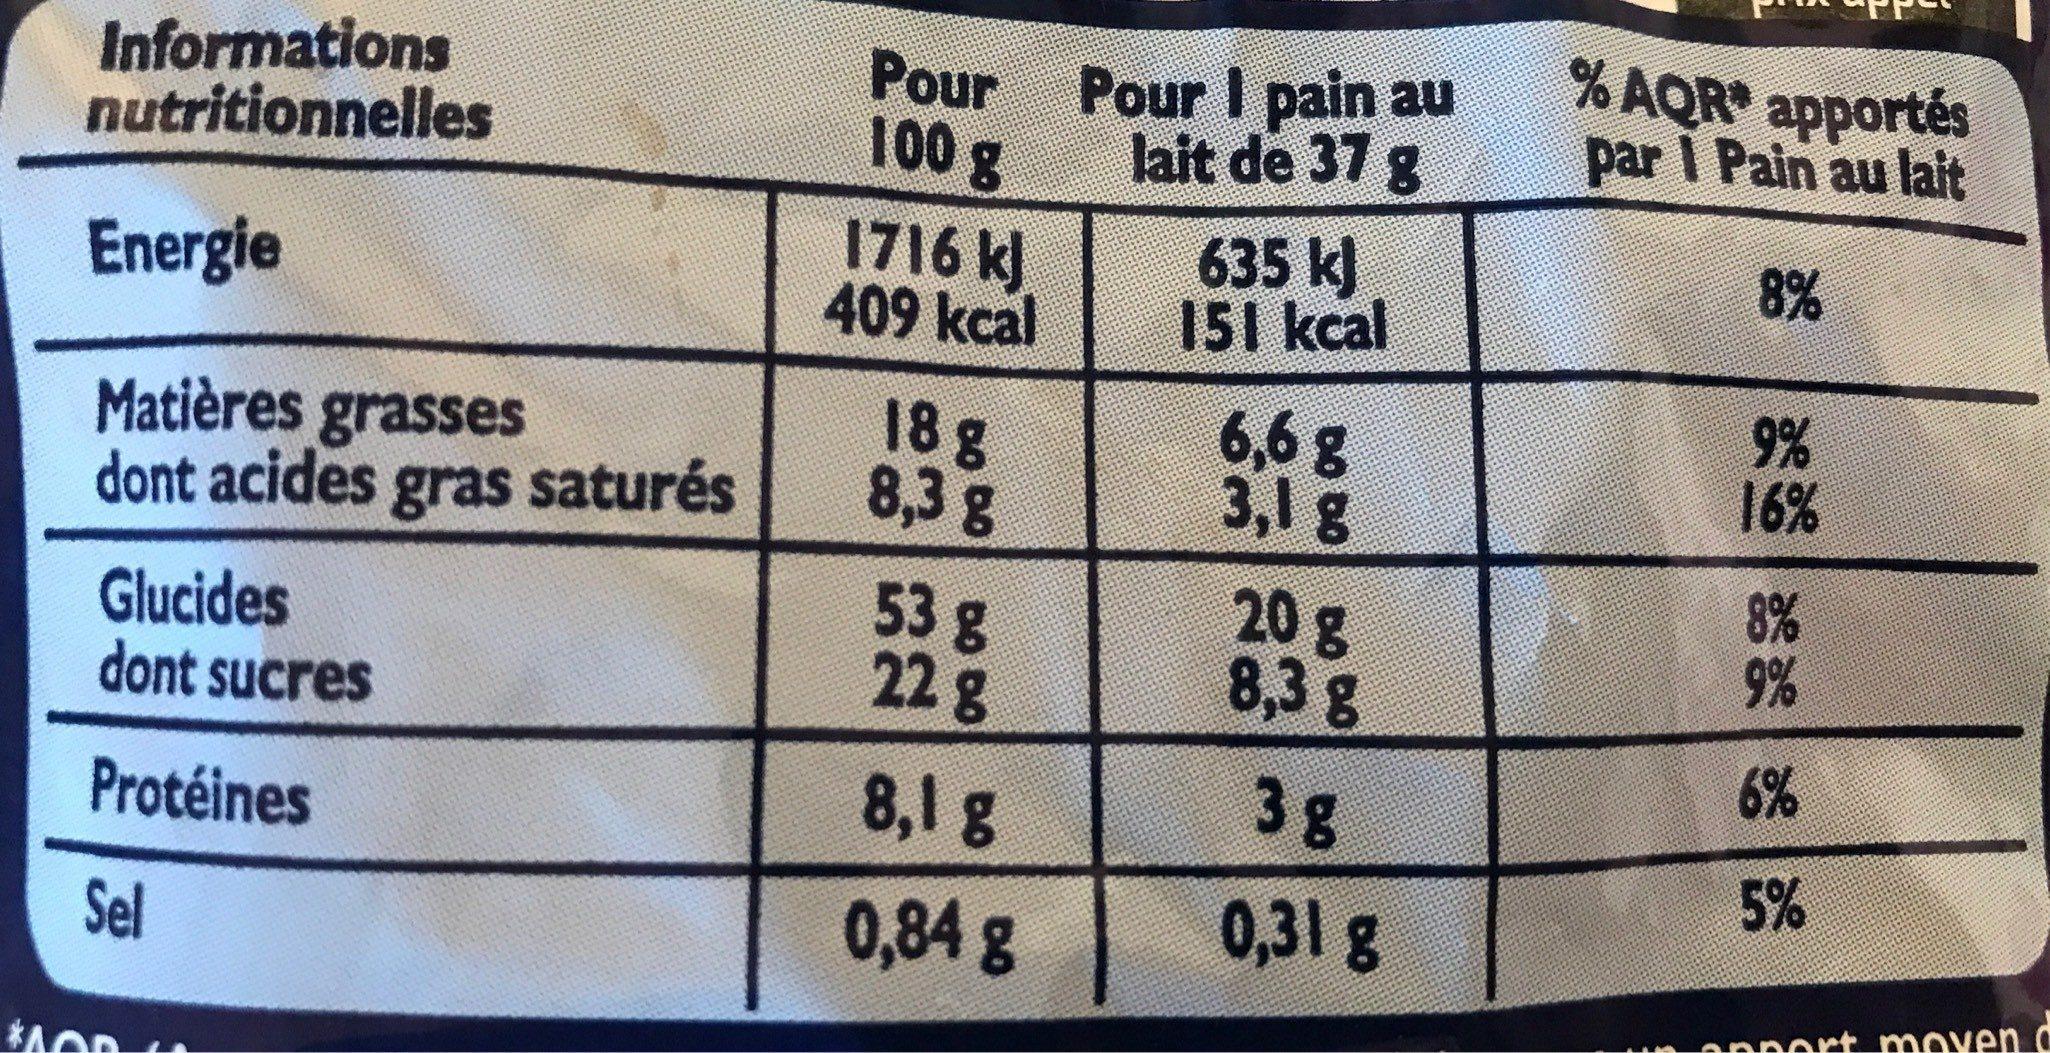 Pains au lait barre chocolat - Informations nutritionnelles - fr